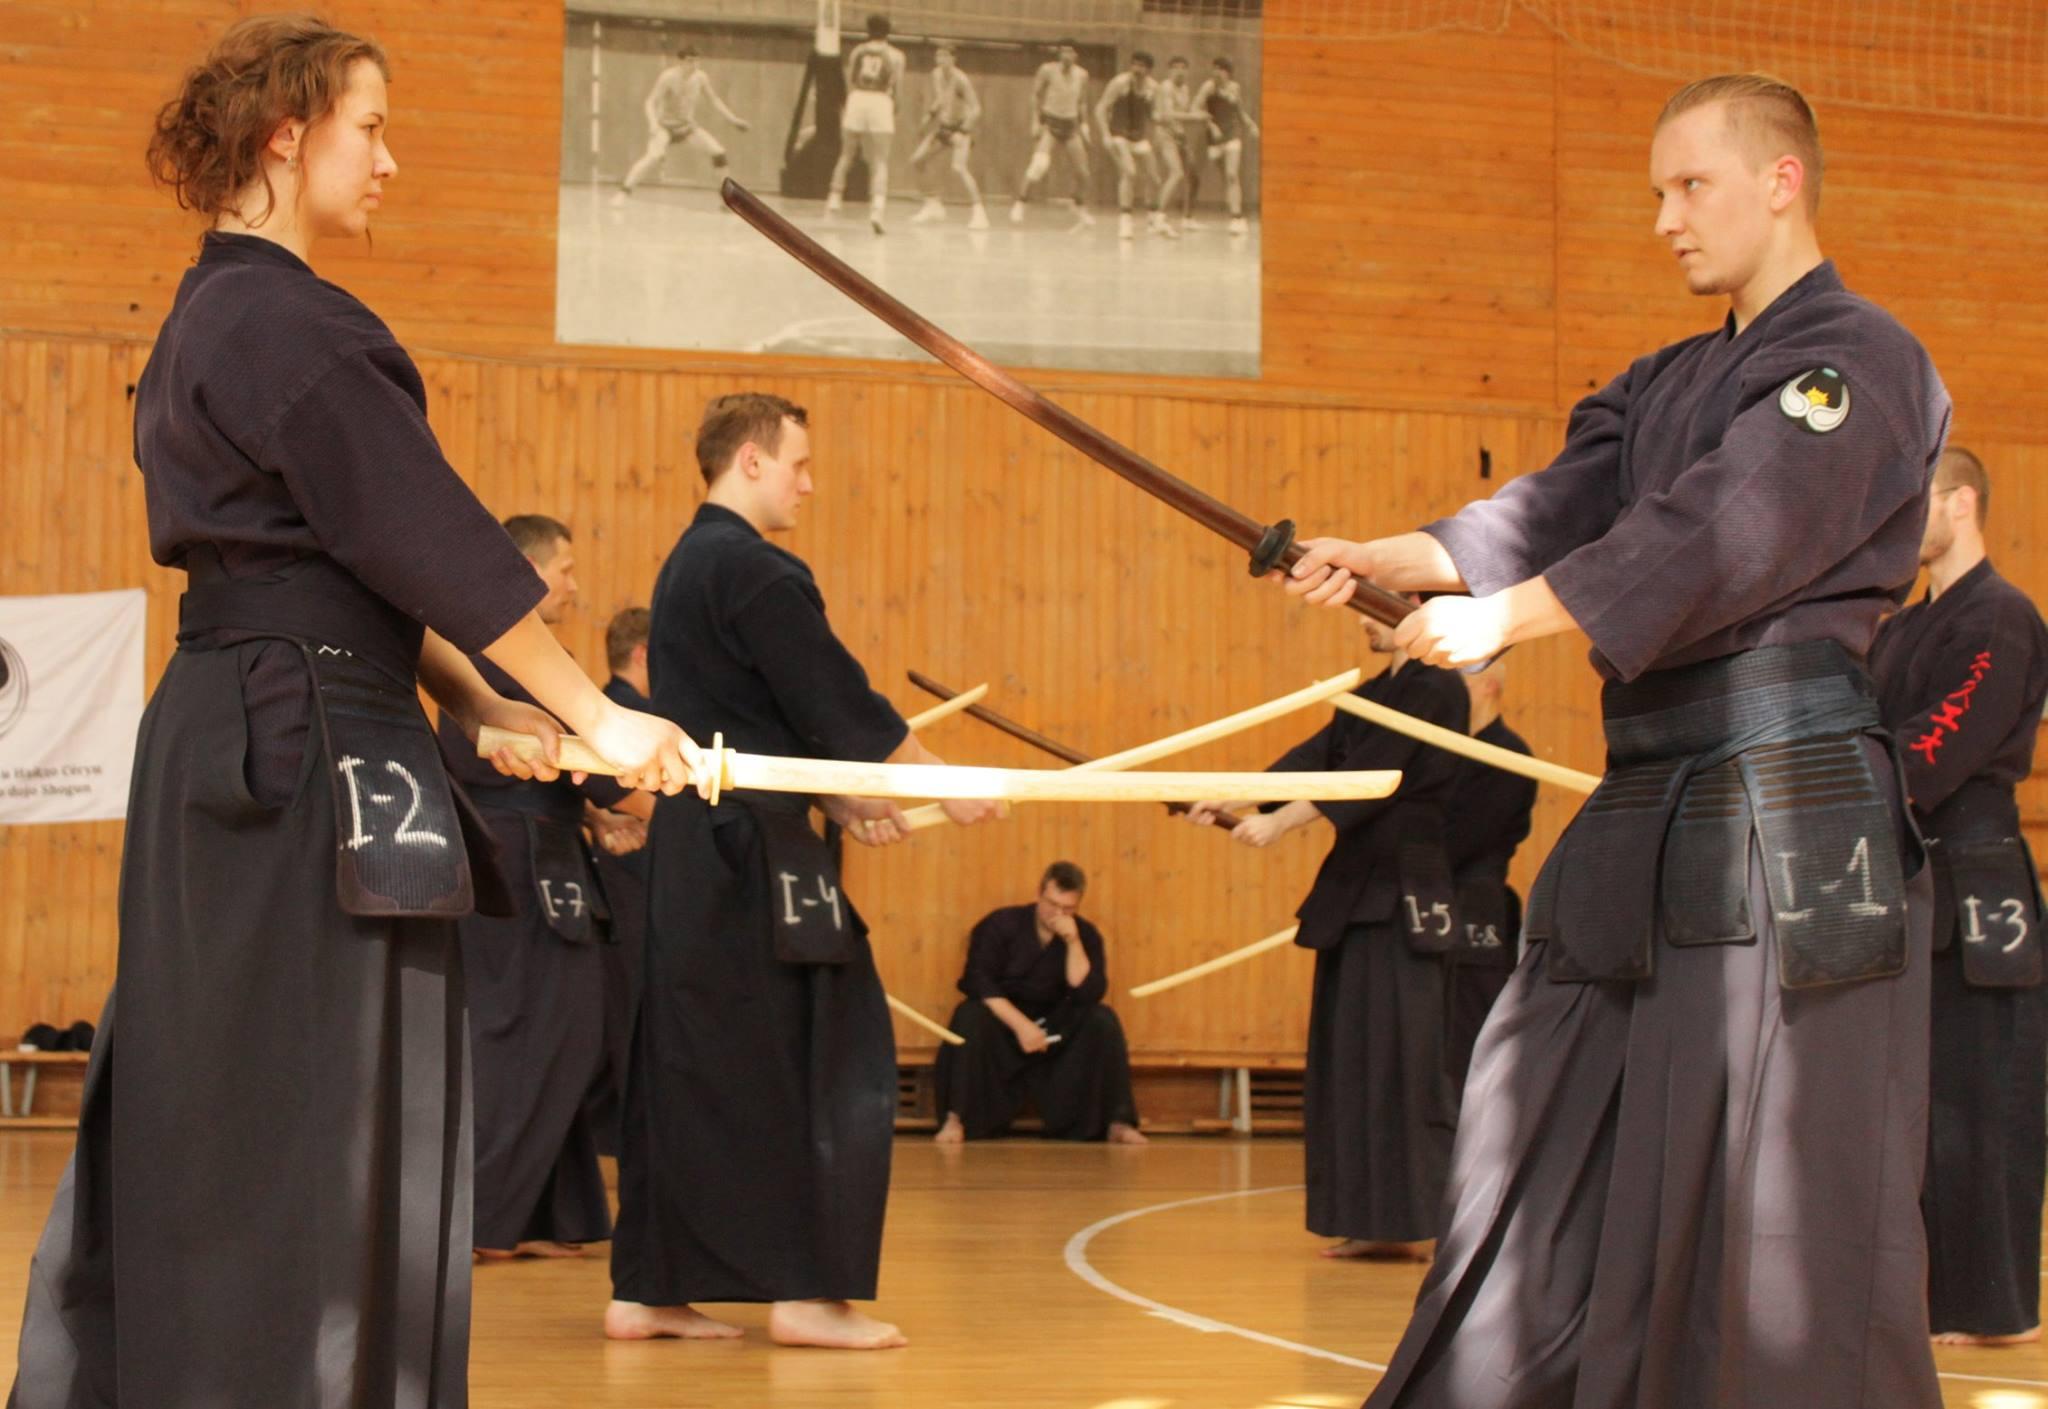 Поздравляем студентов, членов клуба кендо и иайдо «БауманКан», с успешной аттестацией по кендо